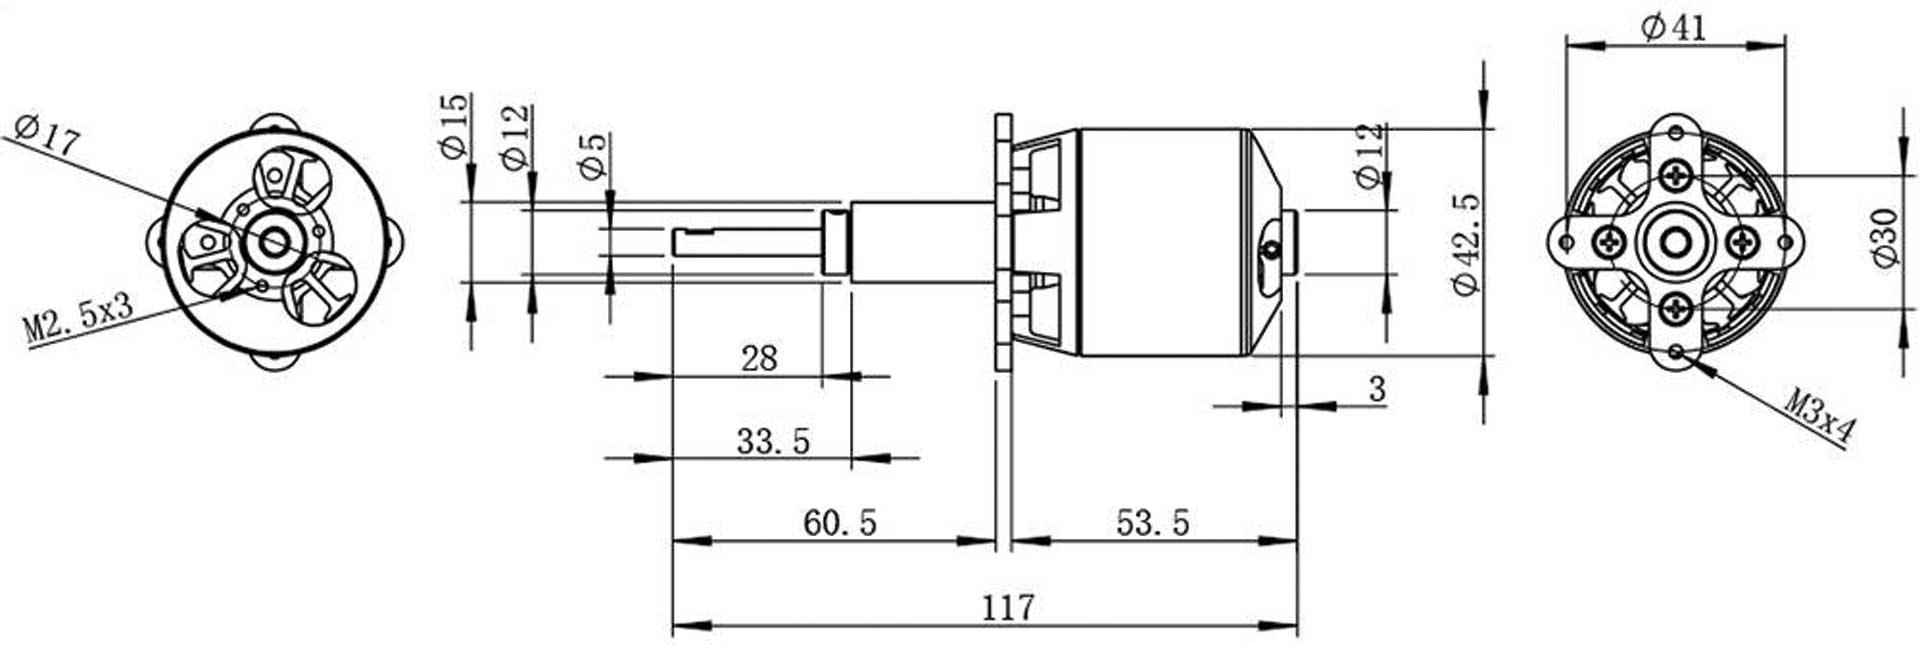 Robbe Modellsport RO-POWER TORQUE LS 4226/12 BRUSHLESS